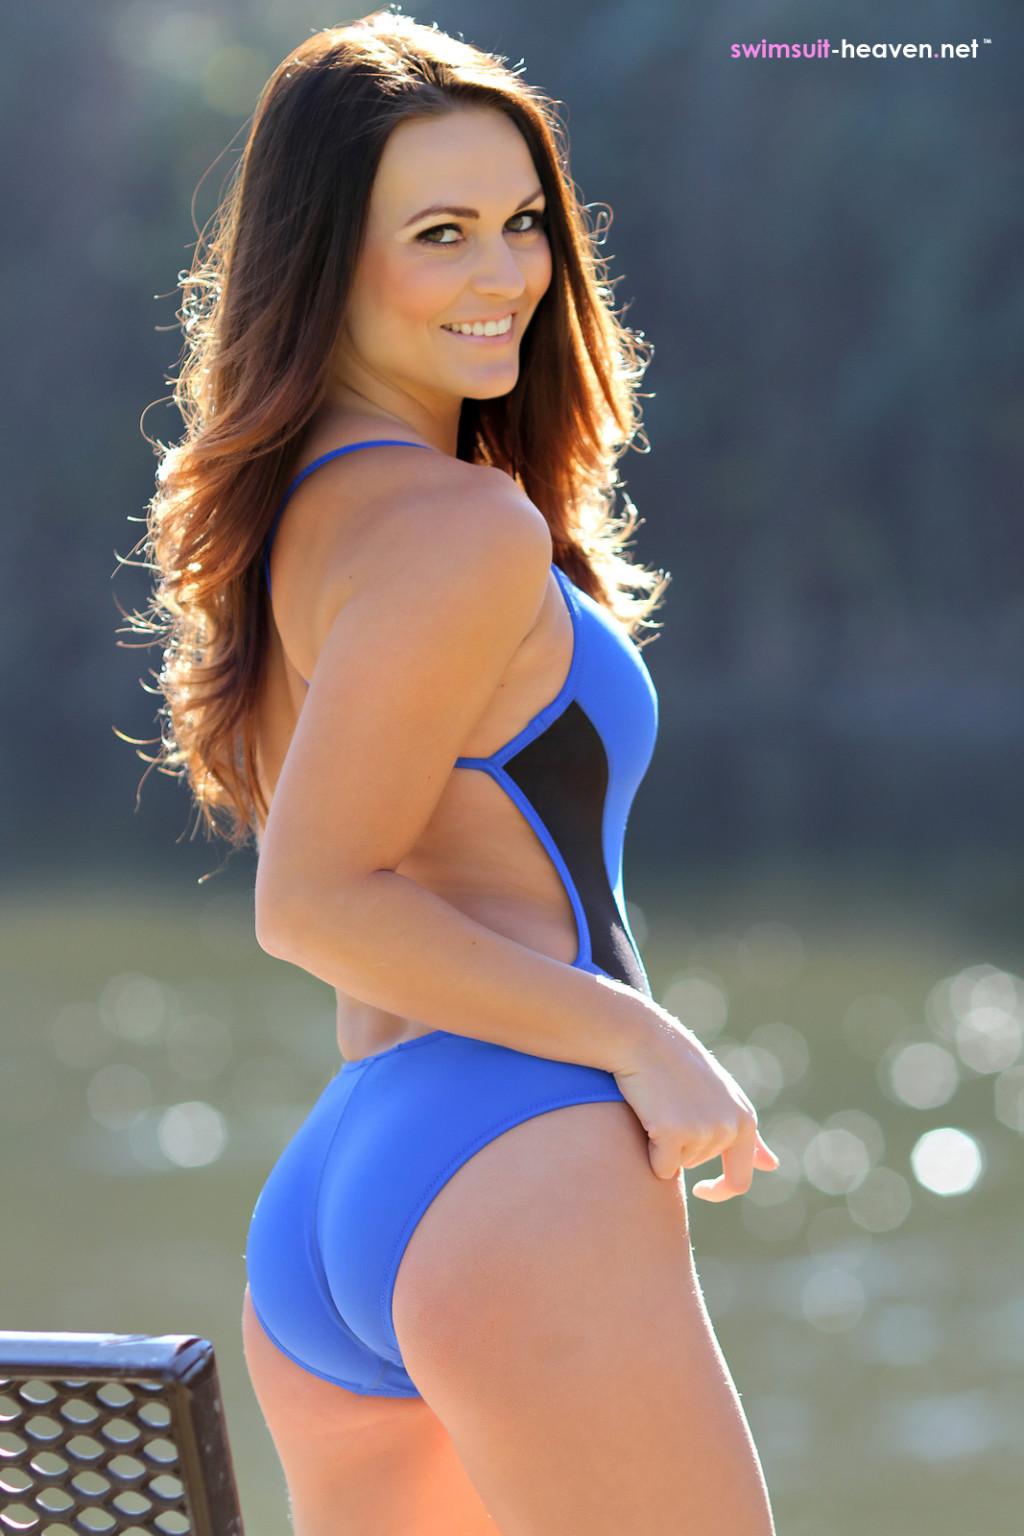 Красивые девушки выгибаются, как умеют, показывая свои эффектные тела в слитных купальниках